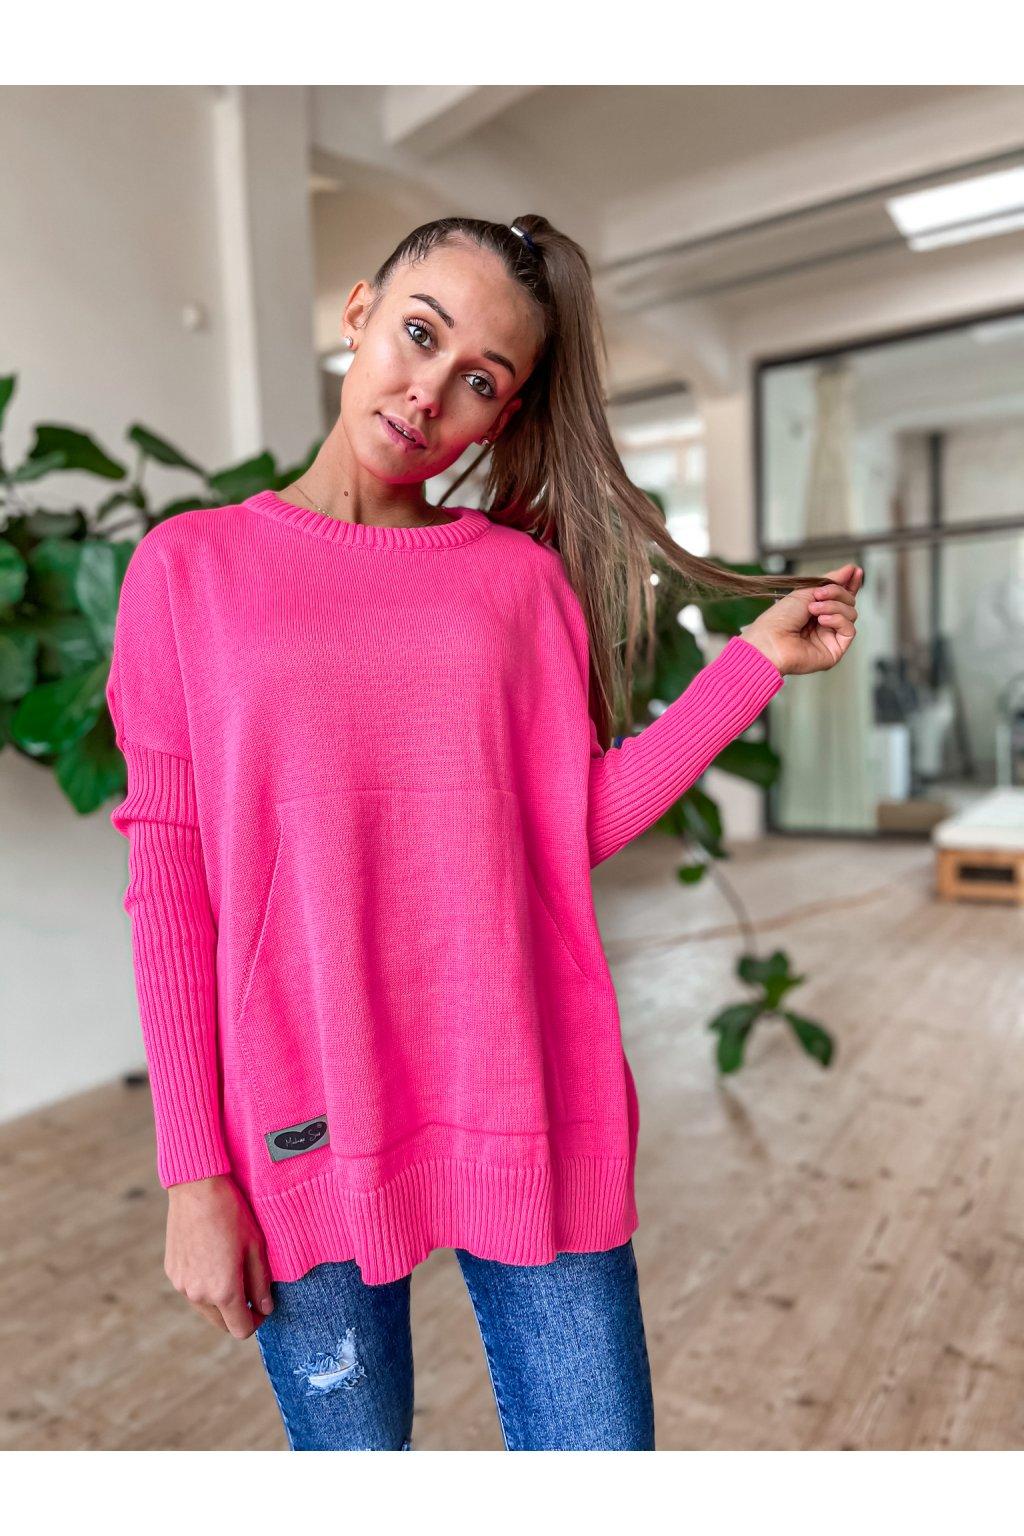 damsky svetr s kapsou spring pink eshopat cz 1